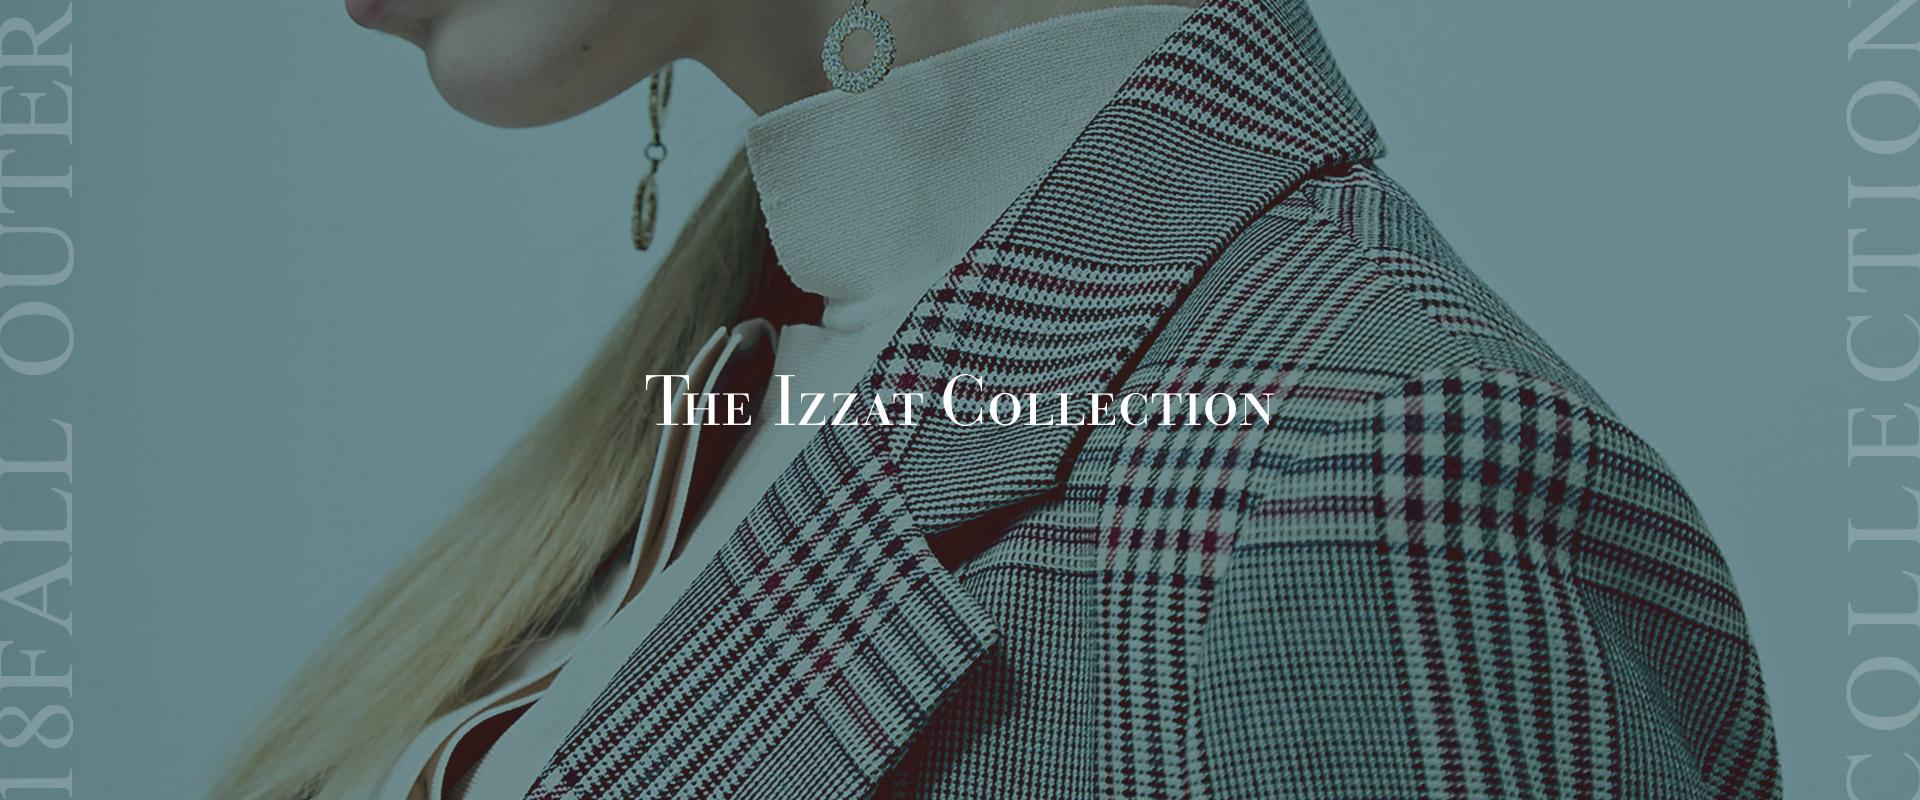 트렌드,클래식,컨템포러리,terendy,classic,luxury,contemporary,babafashion,izzat collection,autumn,outer,가을아우터